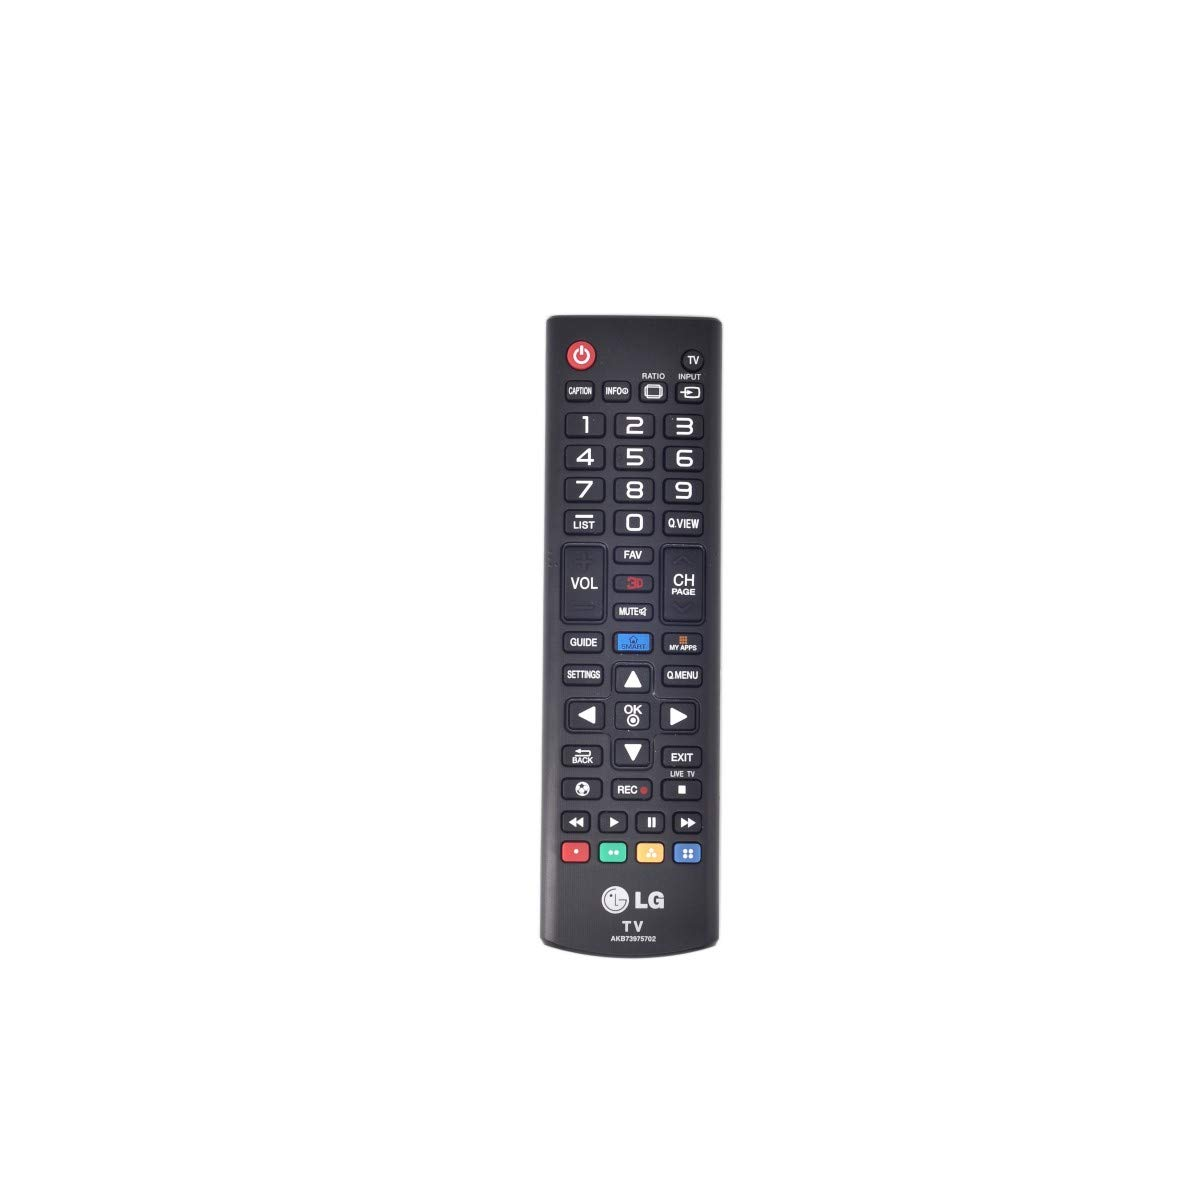 LG Electronics AKB73975702 テレビリモコン 対応機種: LG TVs 42LA6200 47LA6200 50LA6200 55LA9700 60LA6200 65LA9700 84LA9800   B07QTG87Y3